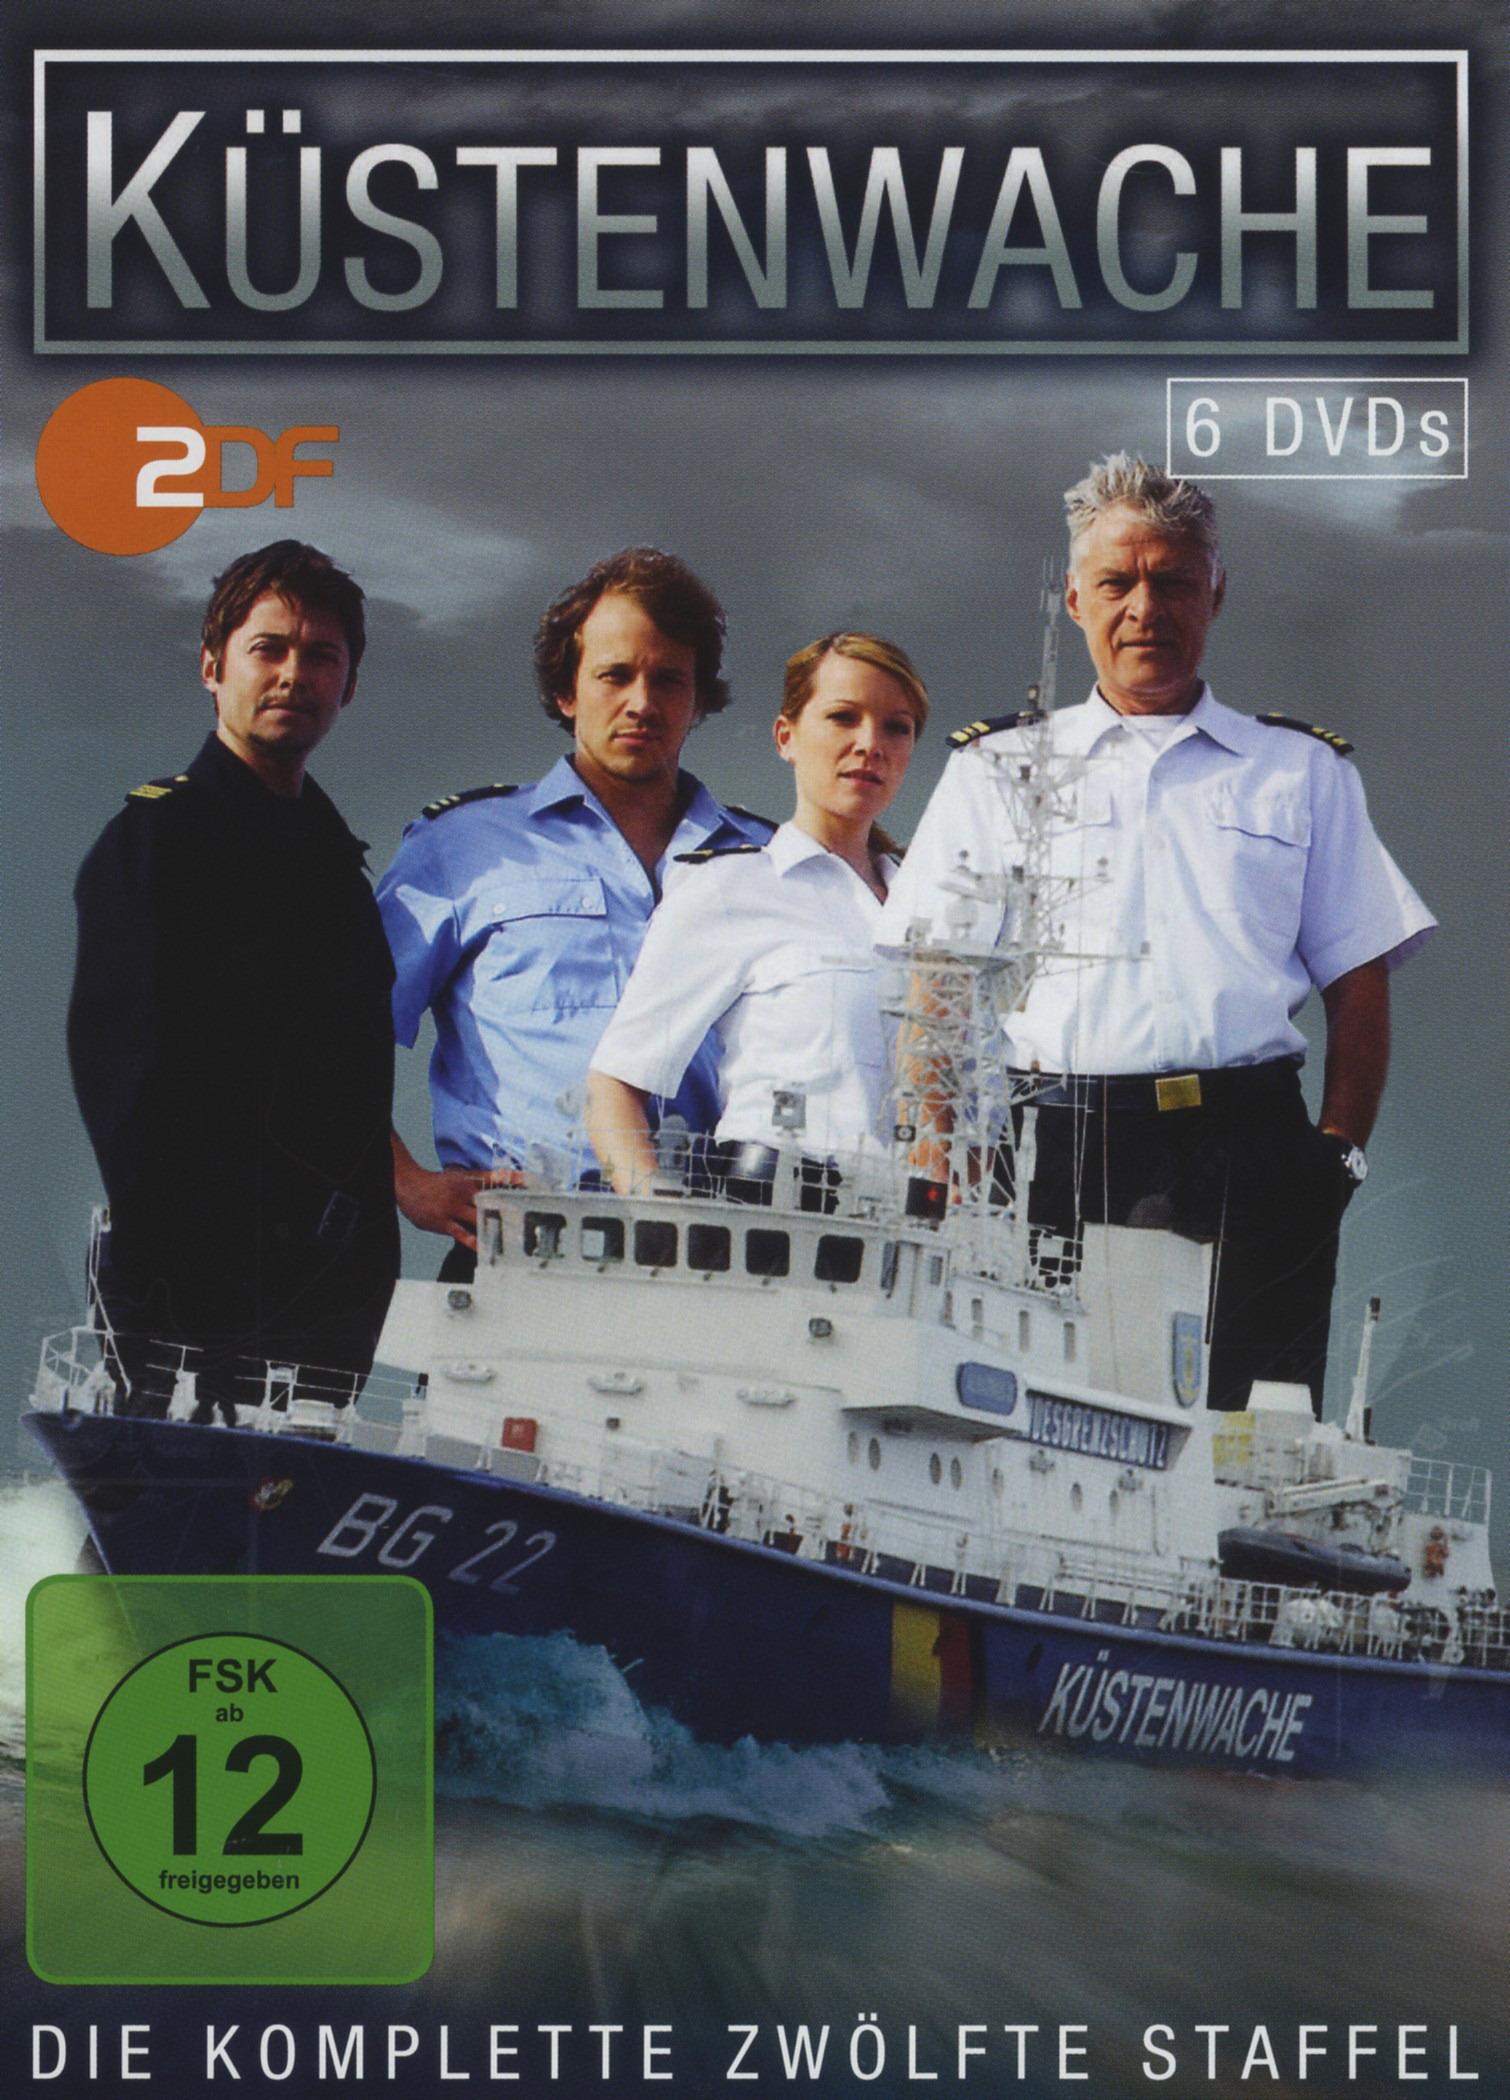 Küstenwache - Die komplette zwölfte Staffel (6 Discs) Poster